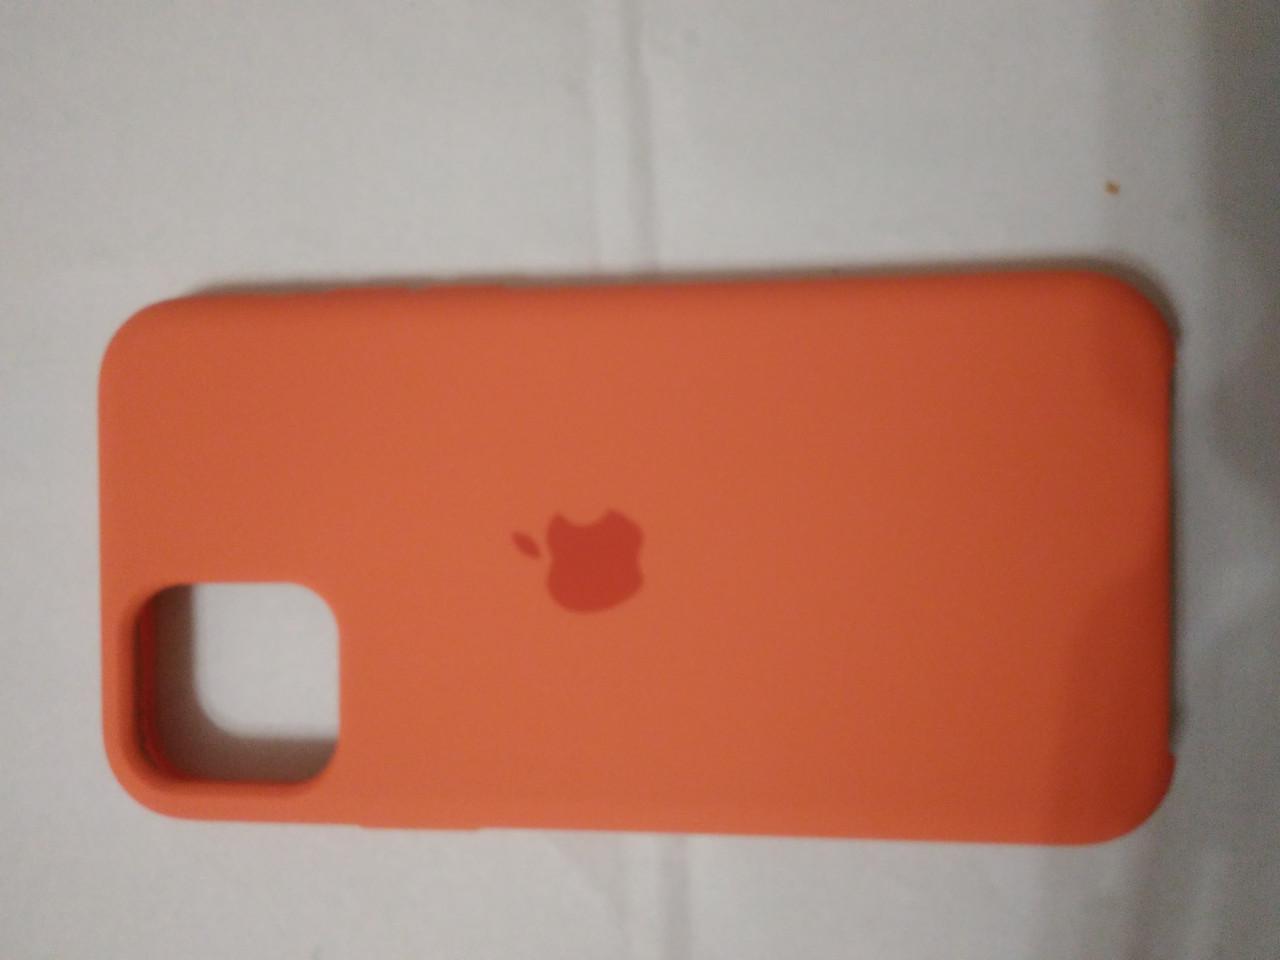 Накладка   Silicon Case Original  для  iPhone 11 Pro 2019  (оранжевый)